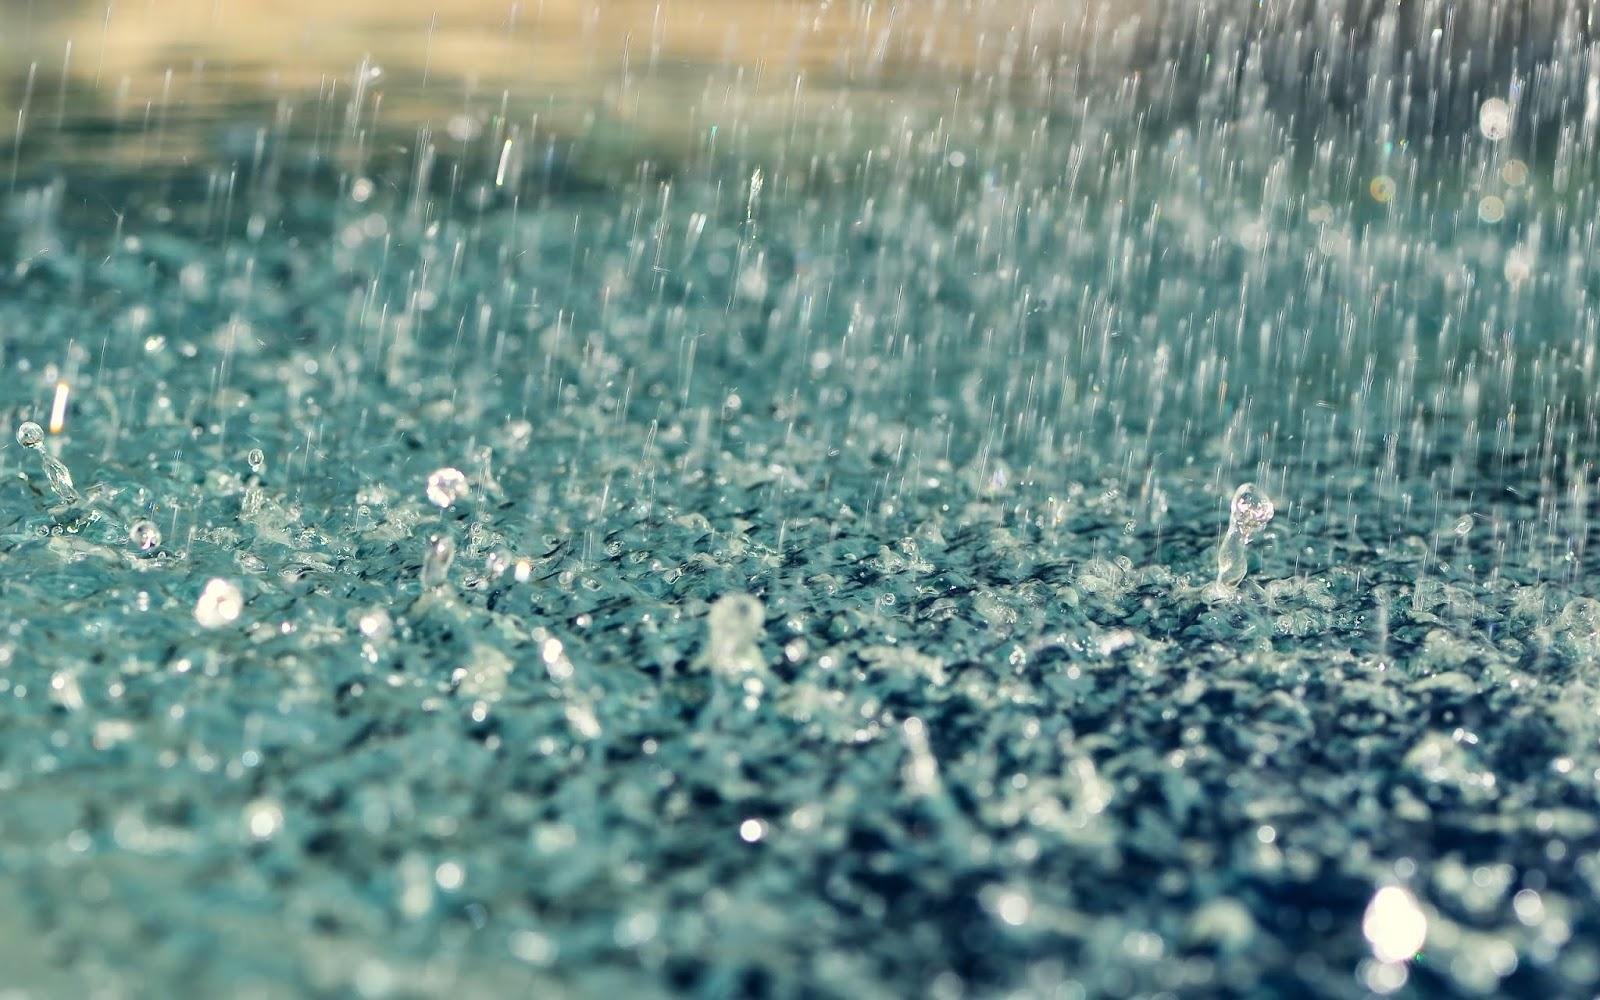 Κρήτη: Που έβρεξε περισσότερο το Σαββατοκύριακο – Δείτε τα ποσοστά